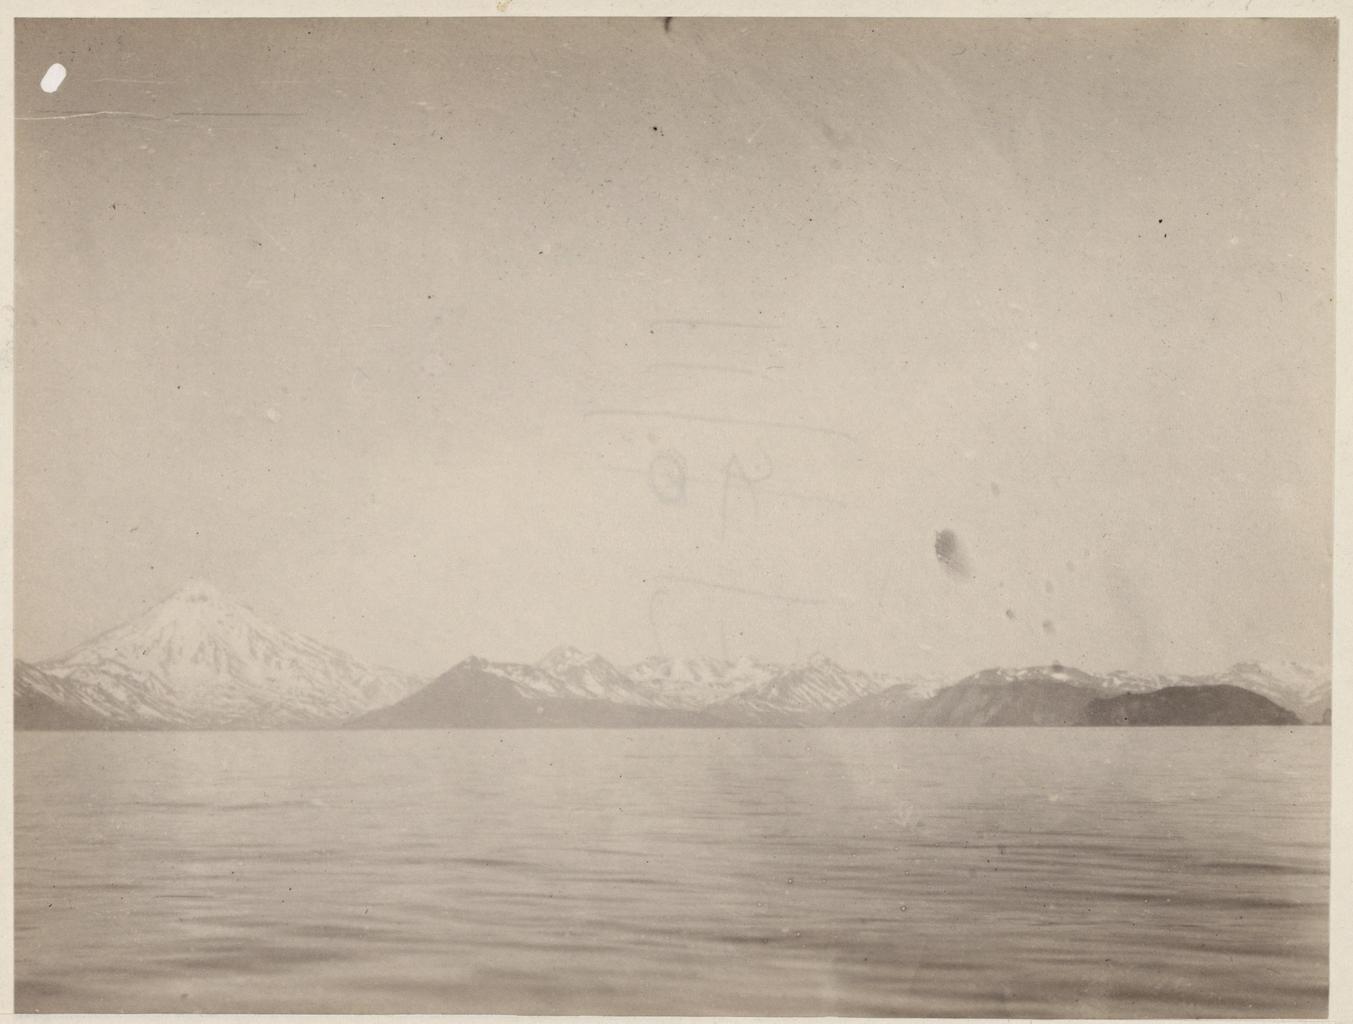 Западный берег Камчатки с Вилючинской сопкой при входе в Авачинскую губу